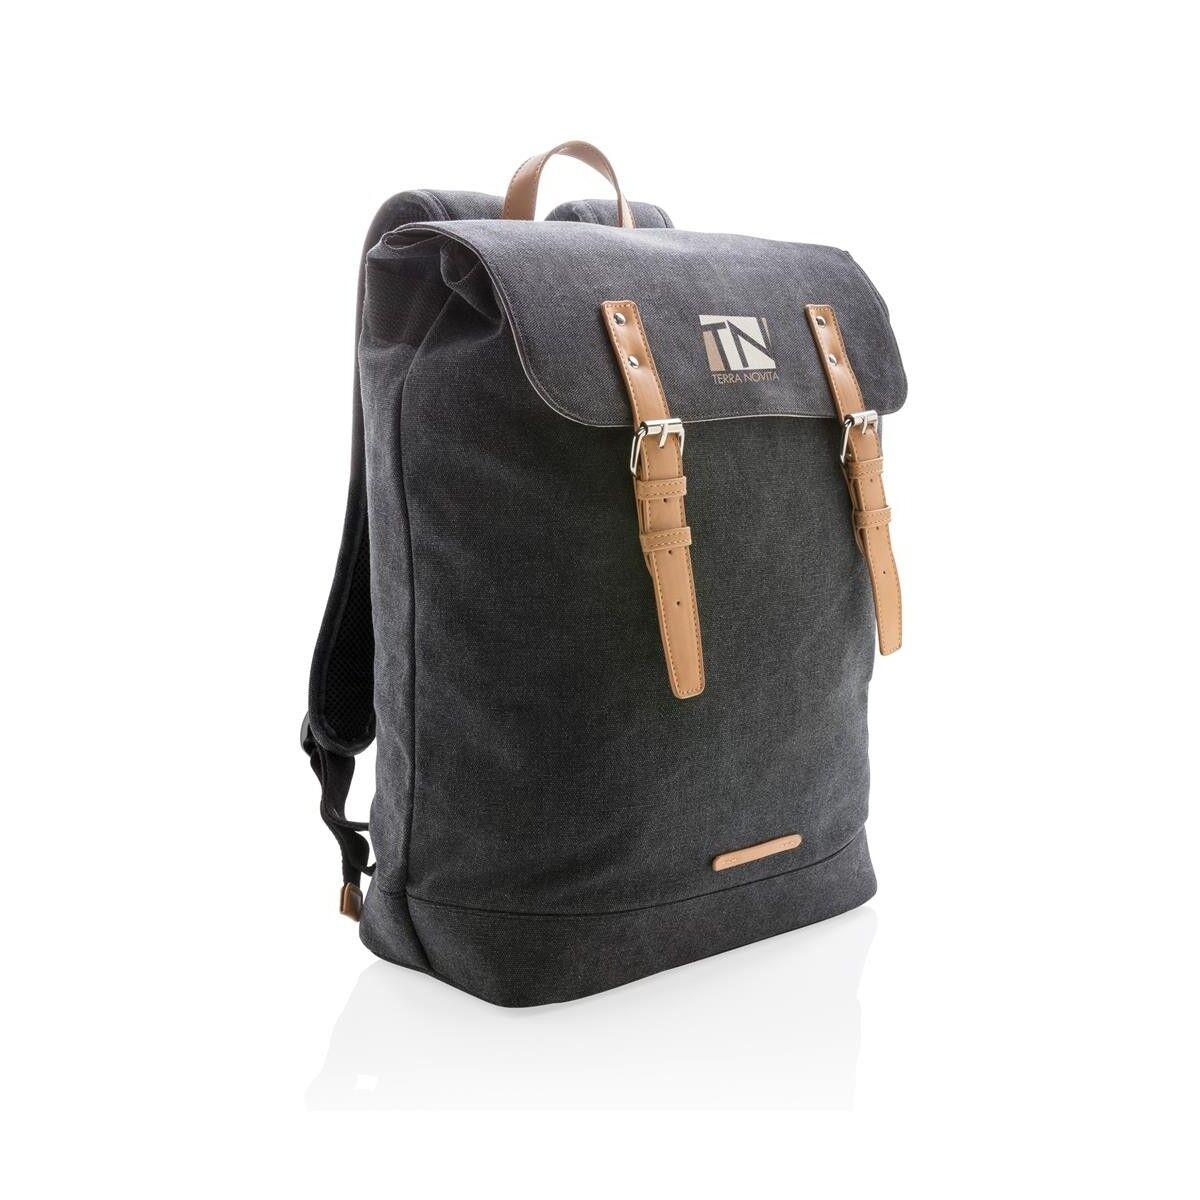 Traveller Laptop Backpack - Black